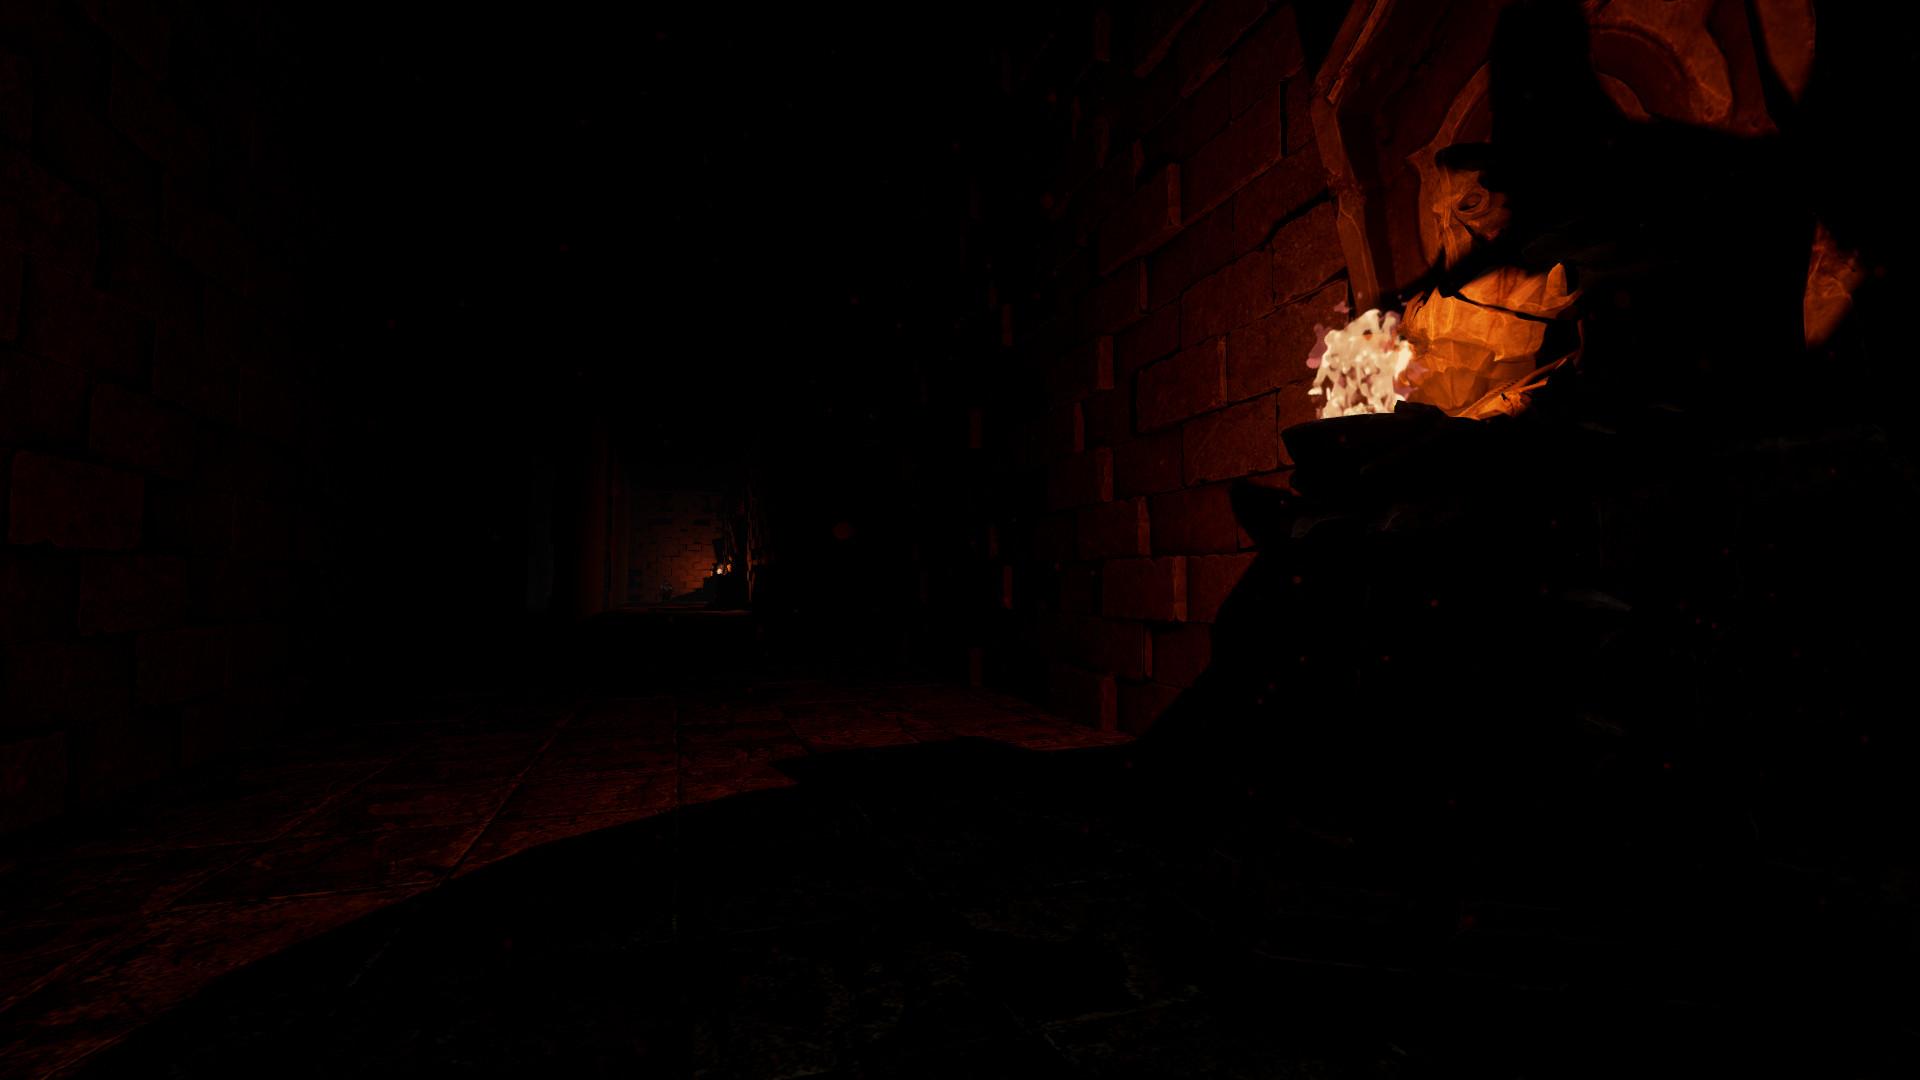 Darkness Ahead Screenshot 3